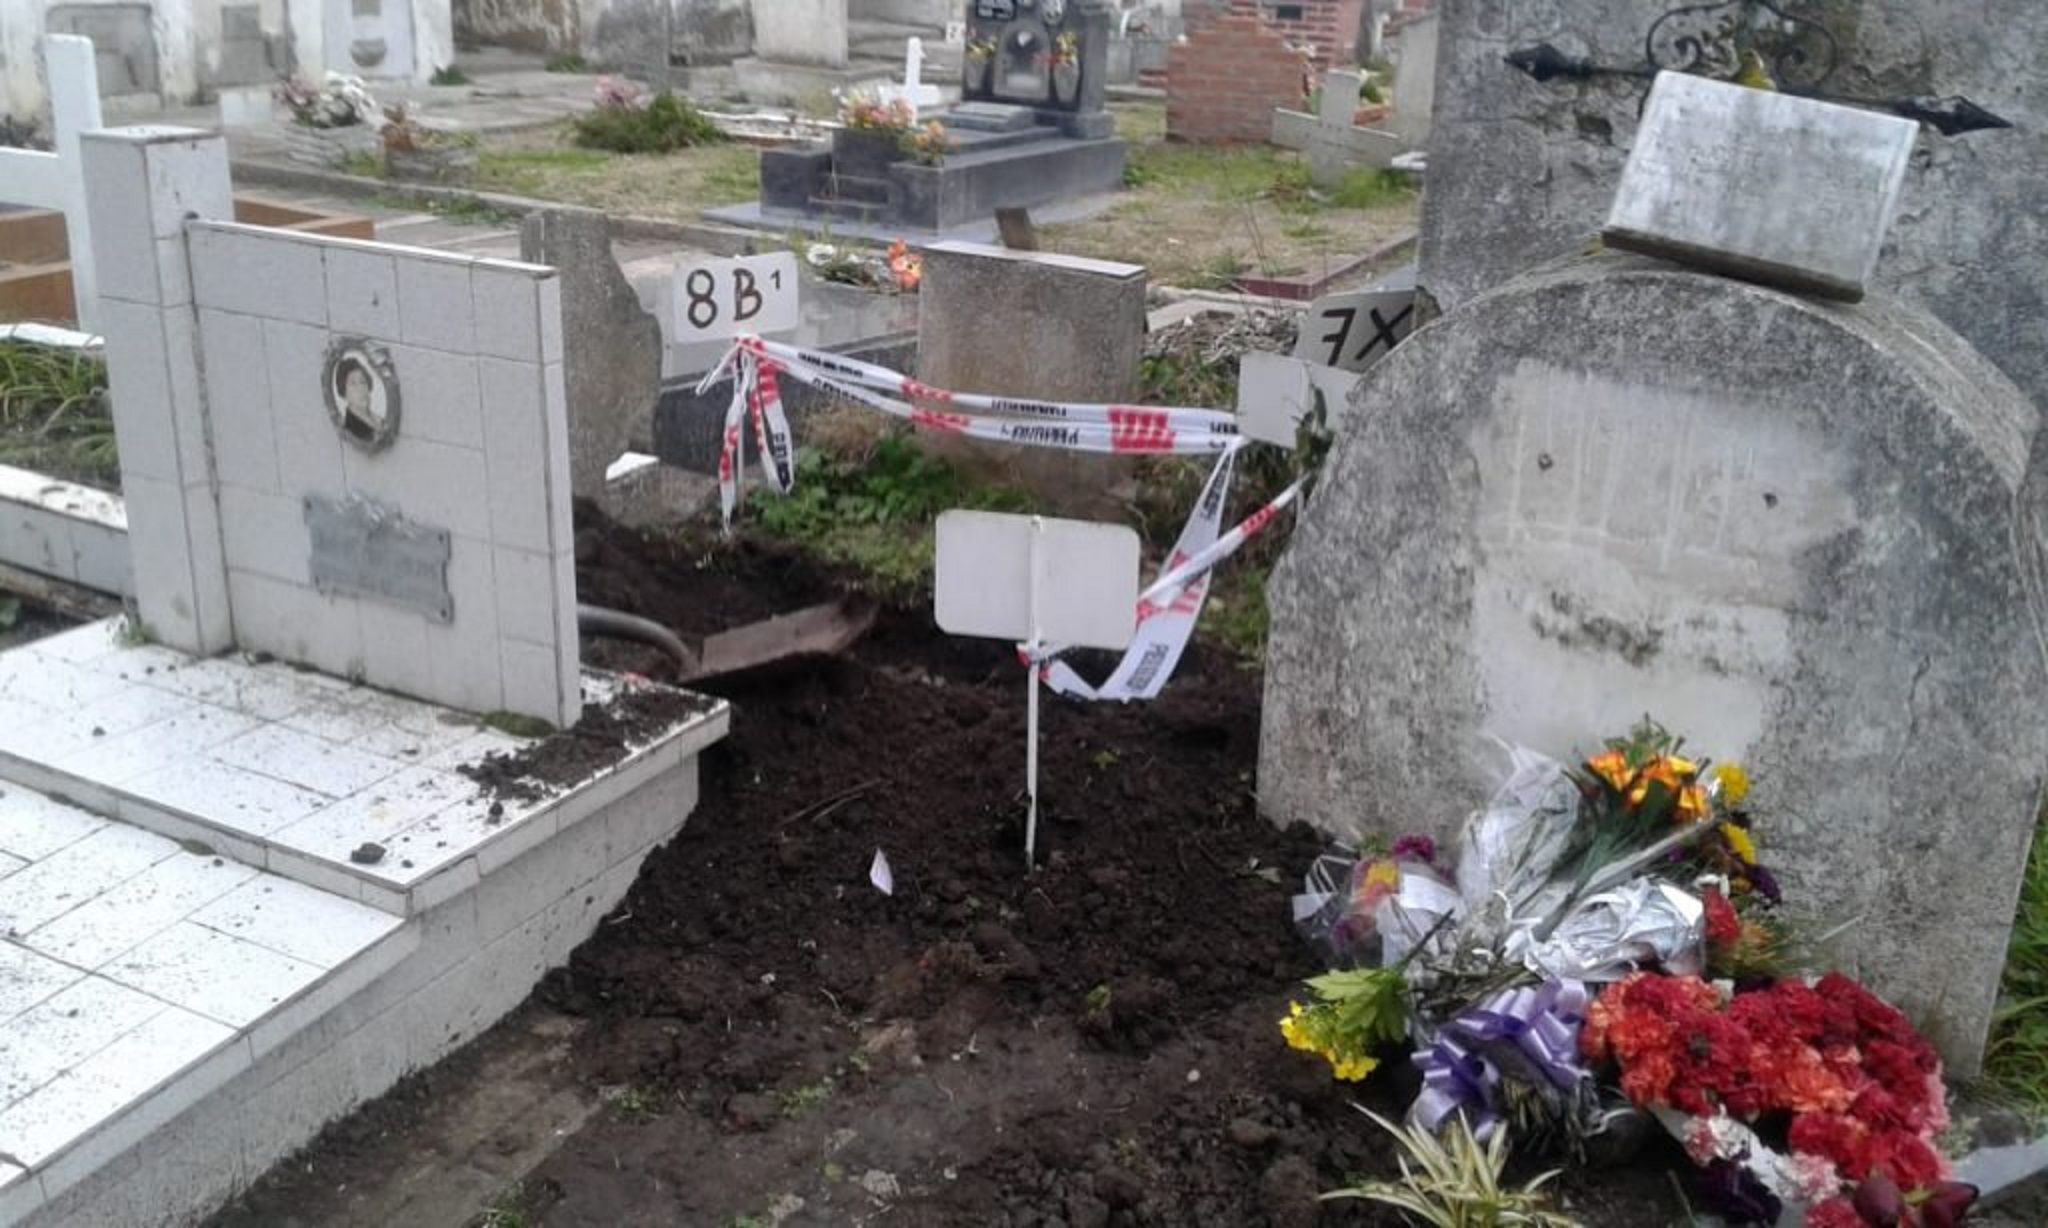 Robaron el cadáver de un bebé del cementerio de Miramar: es el tercero que sustraen en la zona